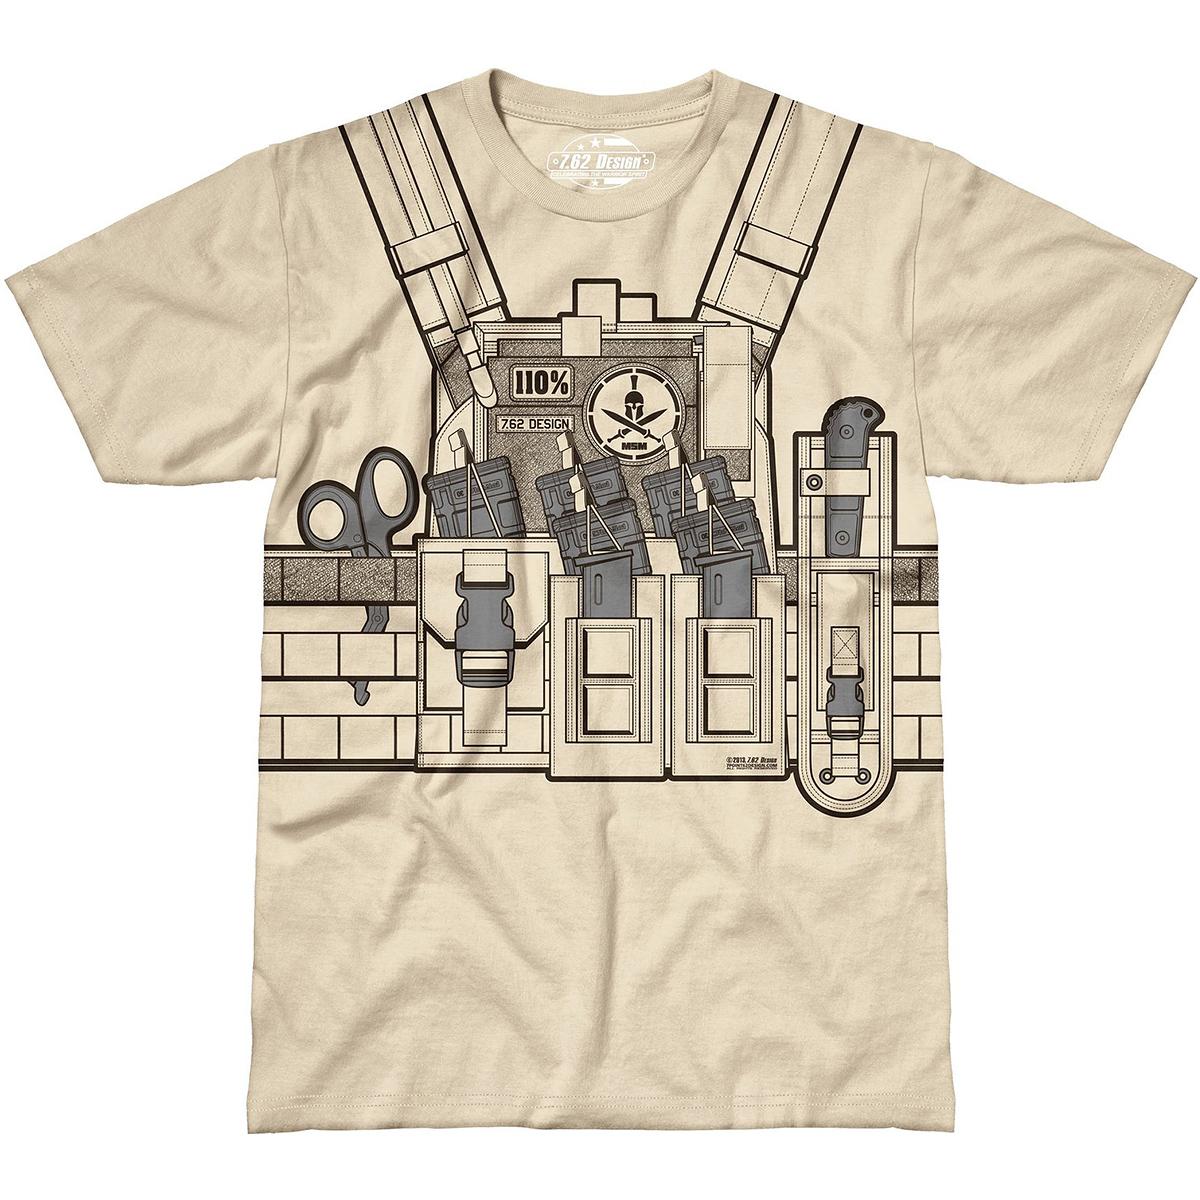 Design bullet bouncer t shirt sand design for Army design shirts online